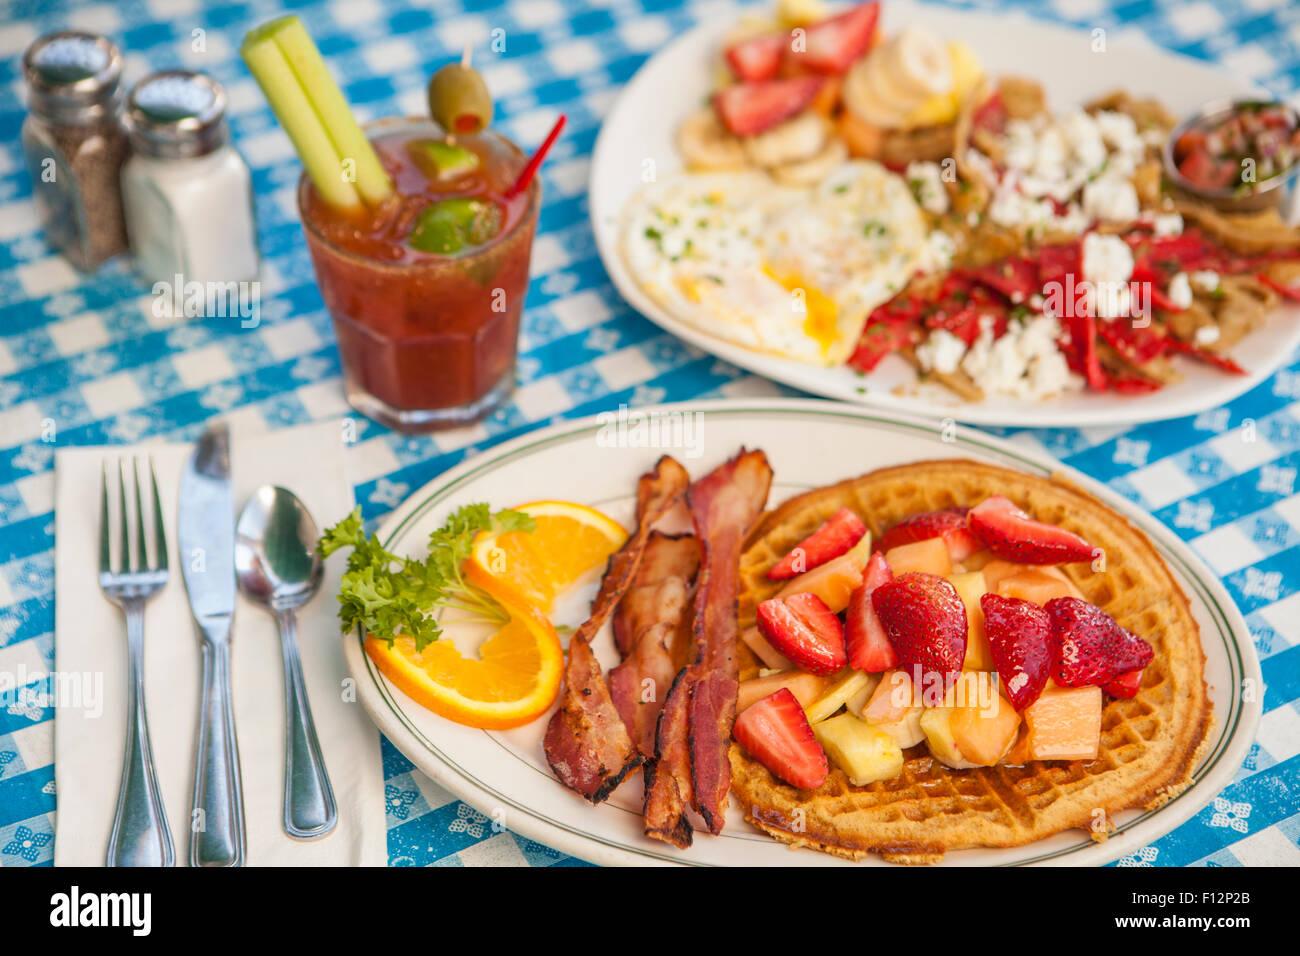 O.J.Waffle con bacon, huevos Paradiso y un Bloody Mary, el Paradise Cafe, en Santa Bárbara, California Imagen De Stock